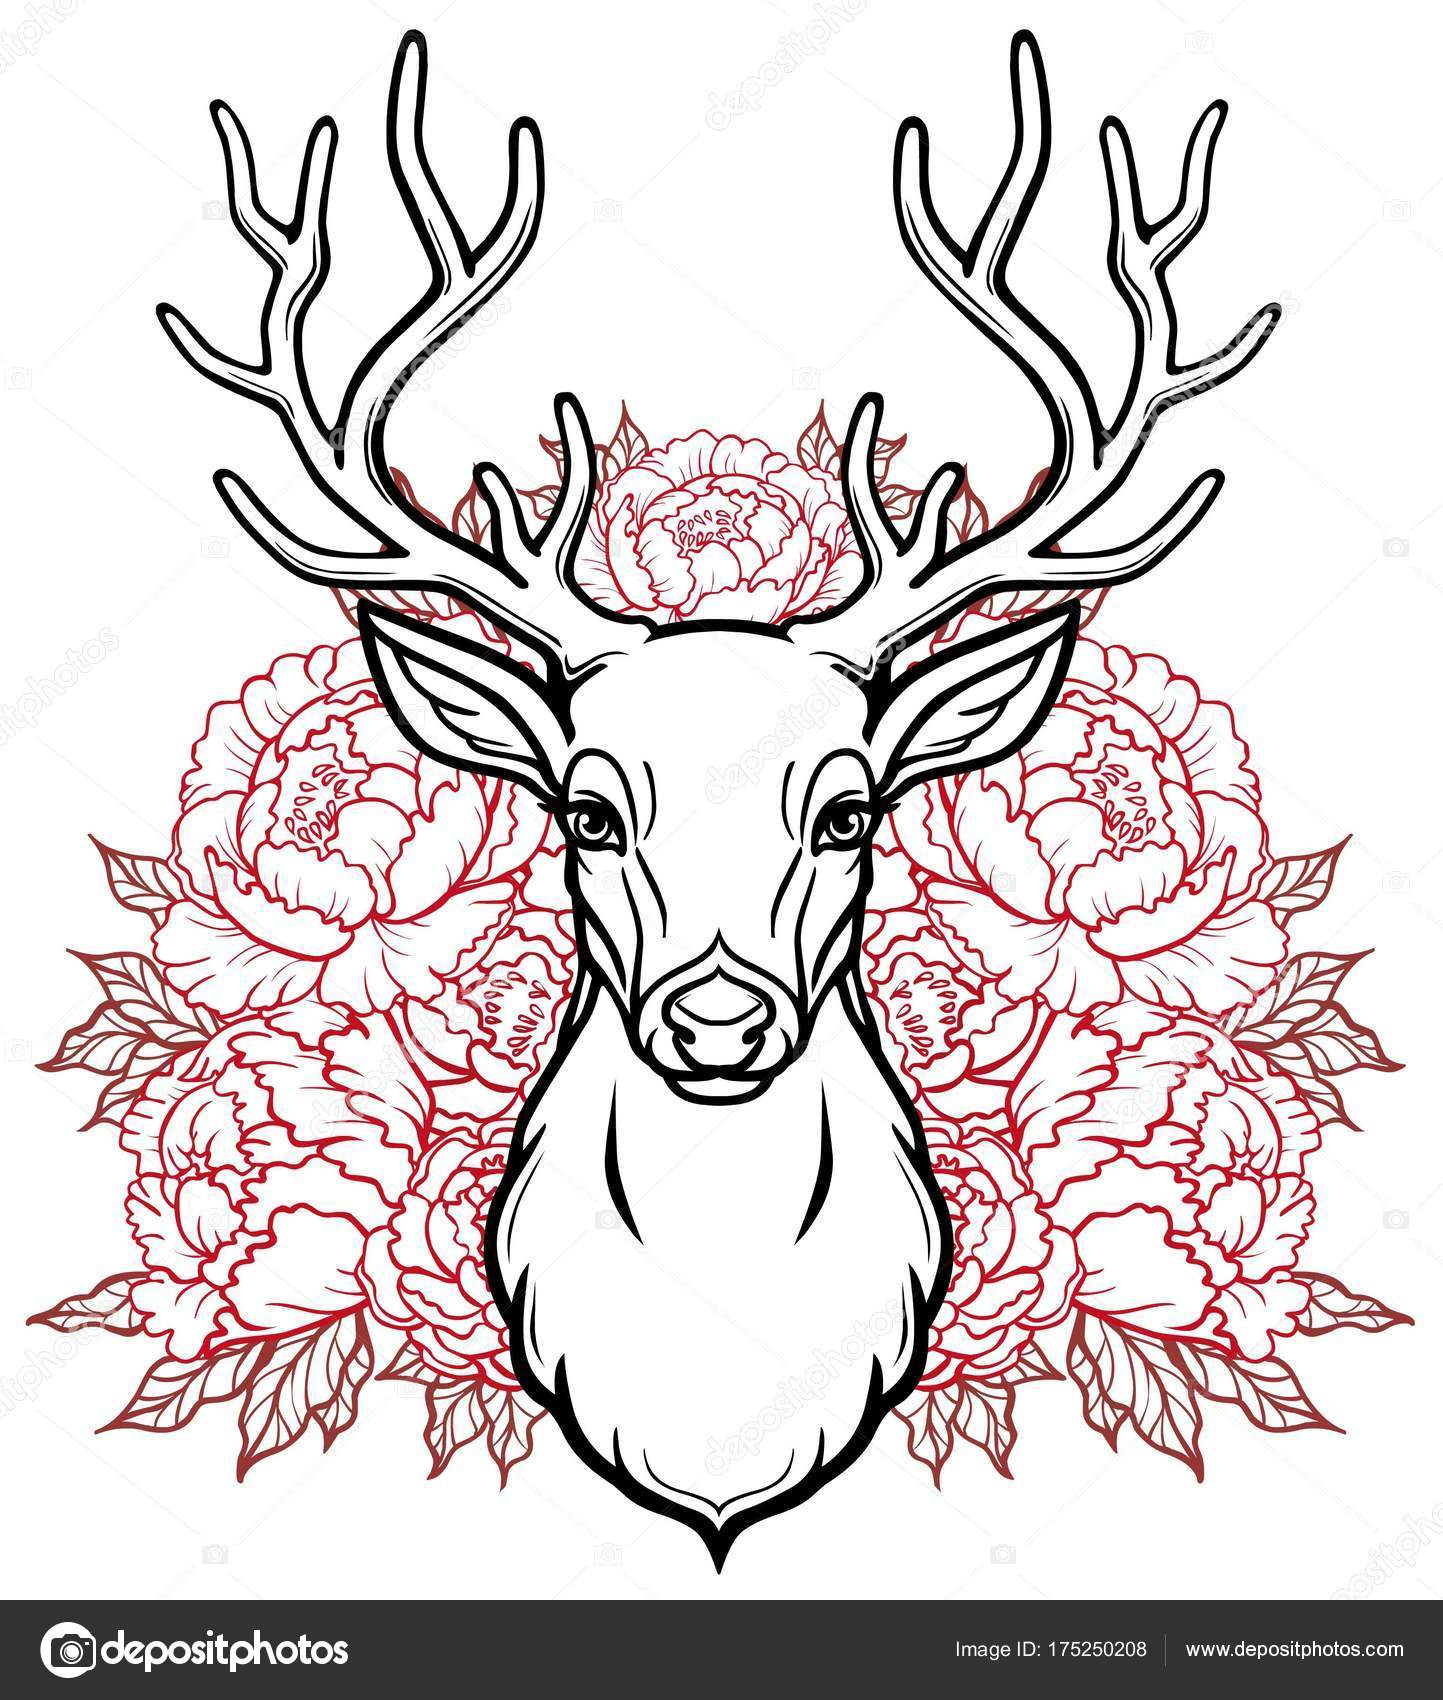 Lin aire dessin t te jeune cerf cornu fleurs rouge ajour illustration image vectorielle - Dessiner un cerf ...